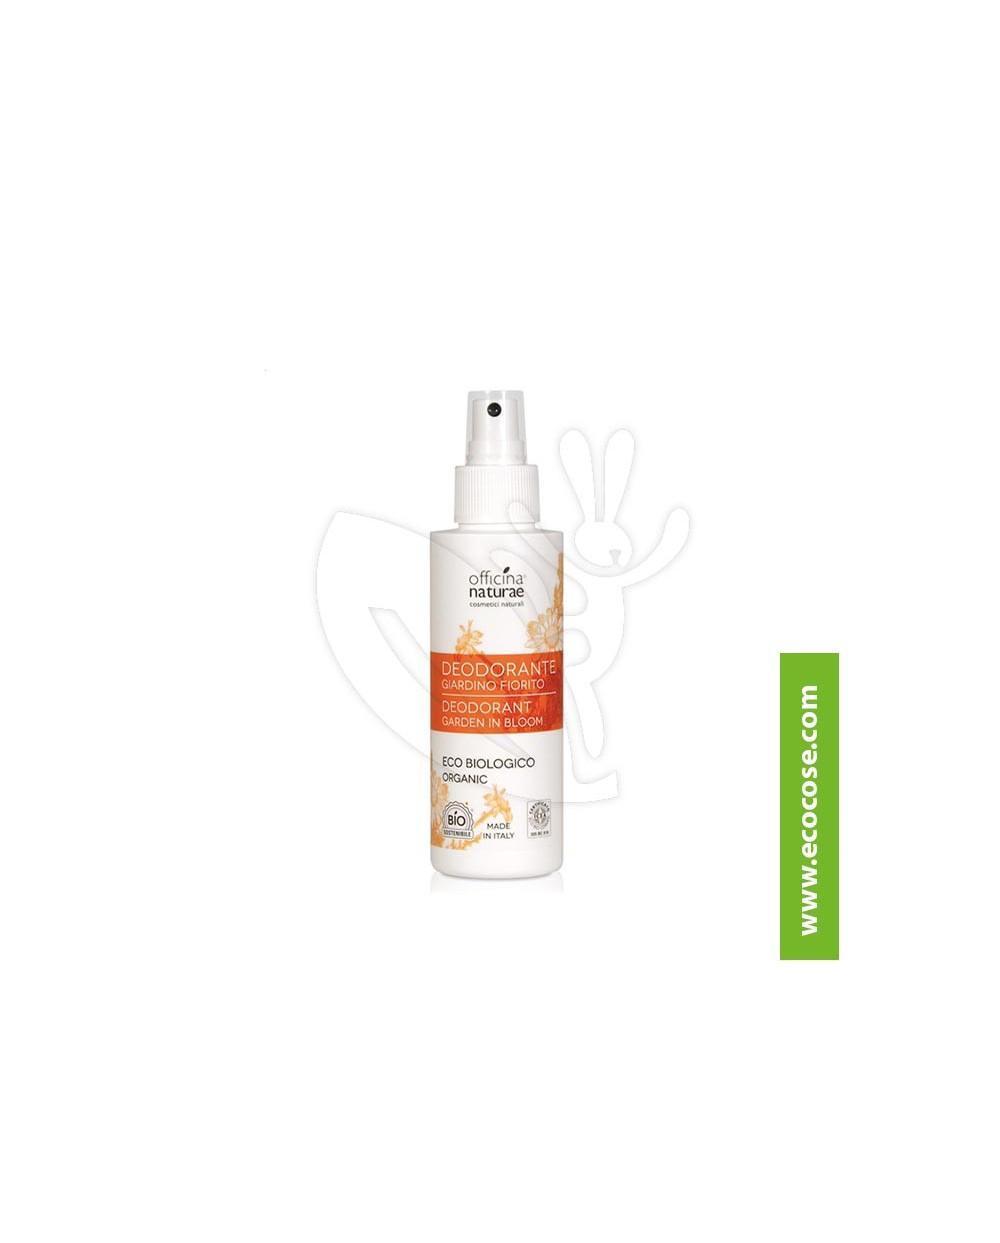 Officina Naturae - Gli Innovattivi - Deodorante Giardino Fiorito